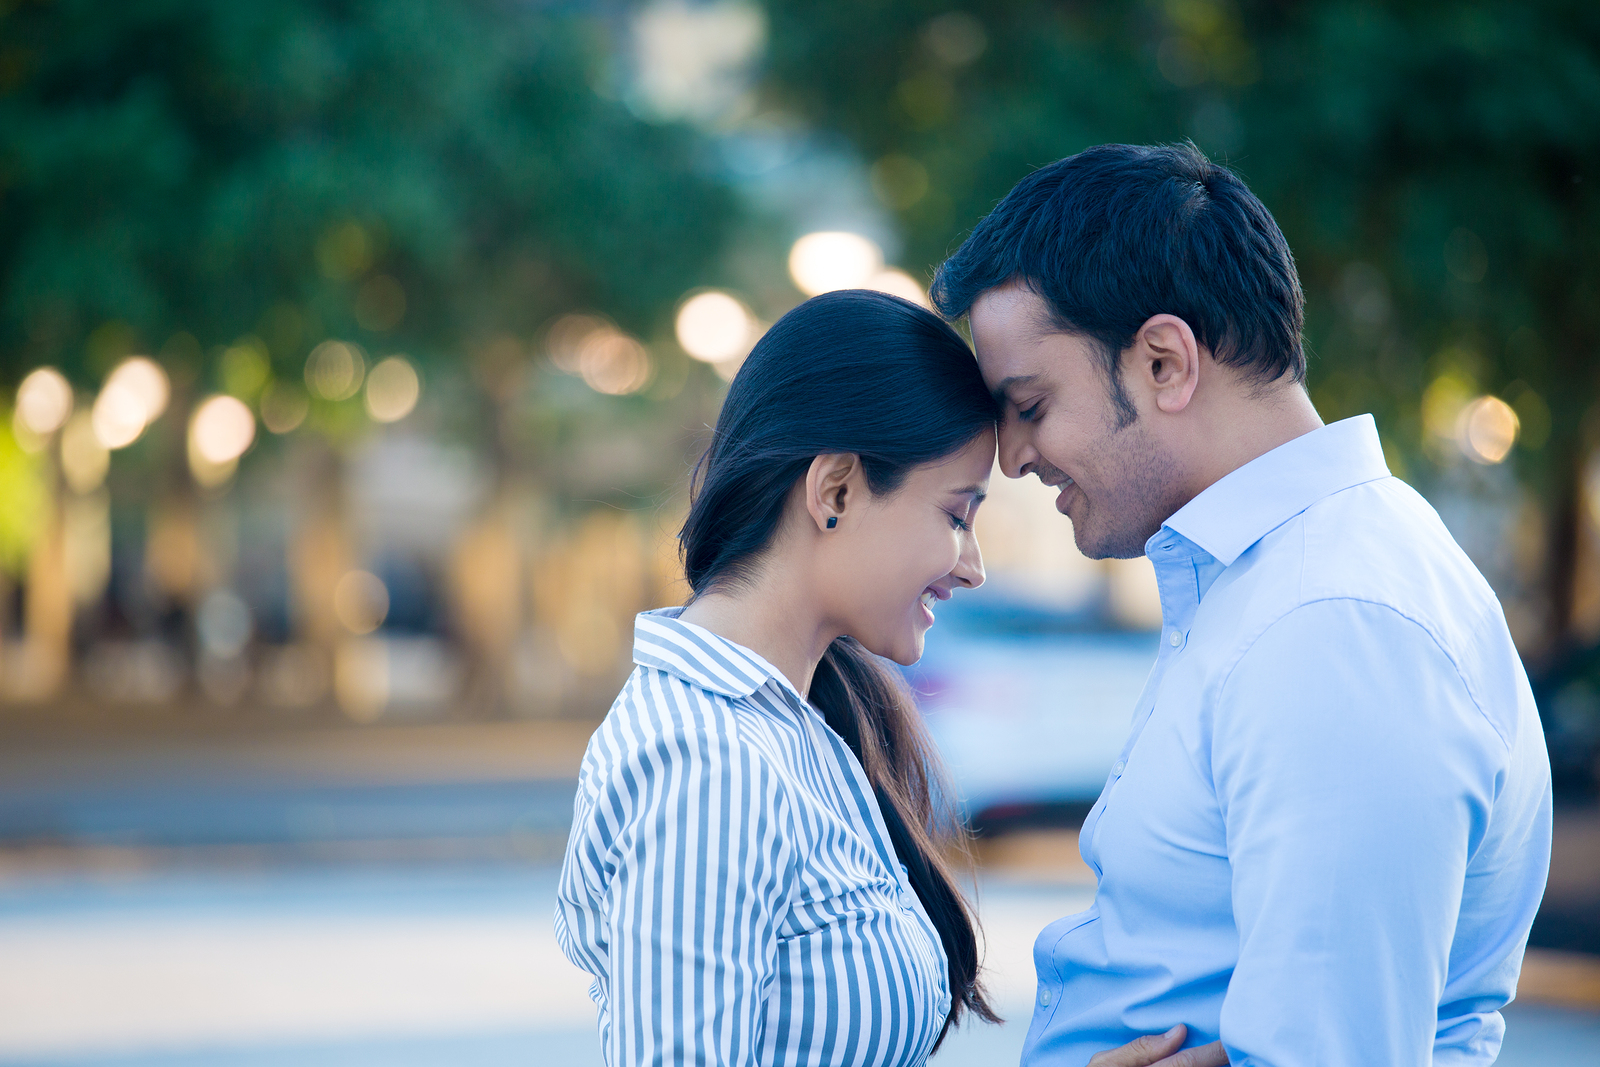 इन 5 तरह के लोग प्यार में नहीं देते धोखा, पार्टनर का रखते हैं ख्याल ~  HappyNews